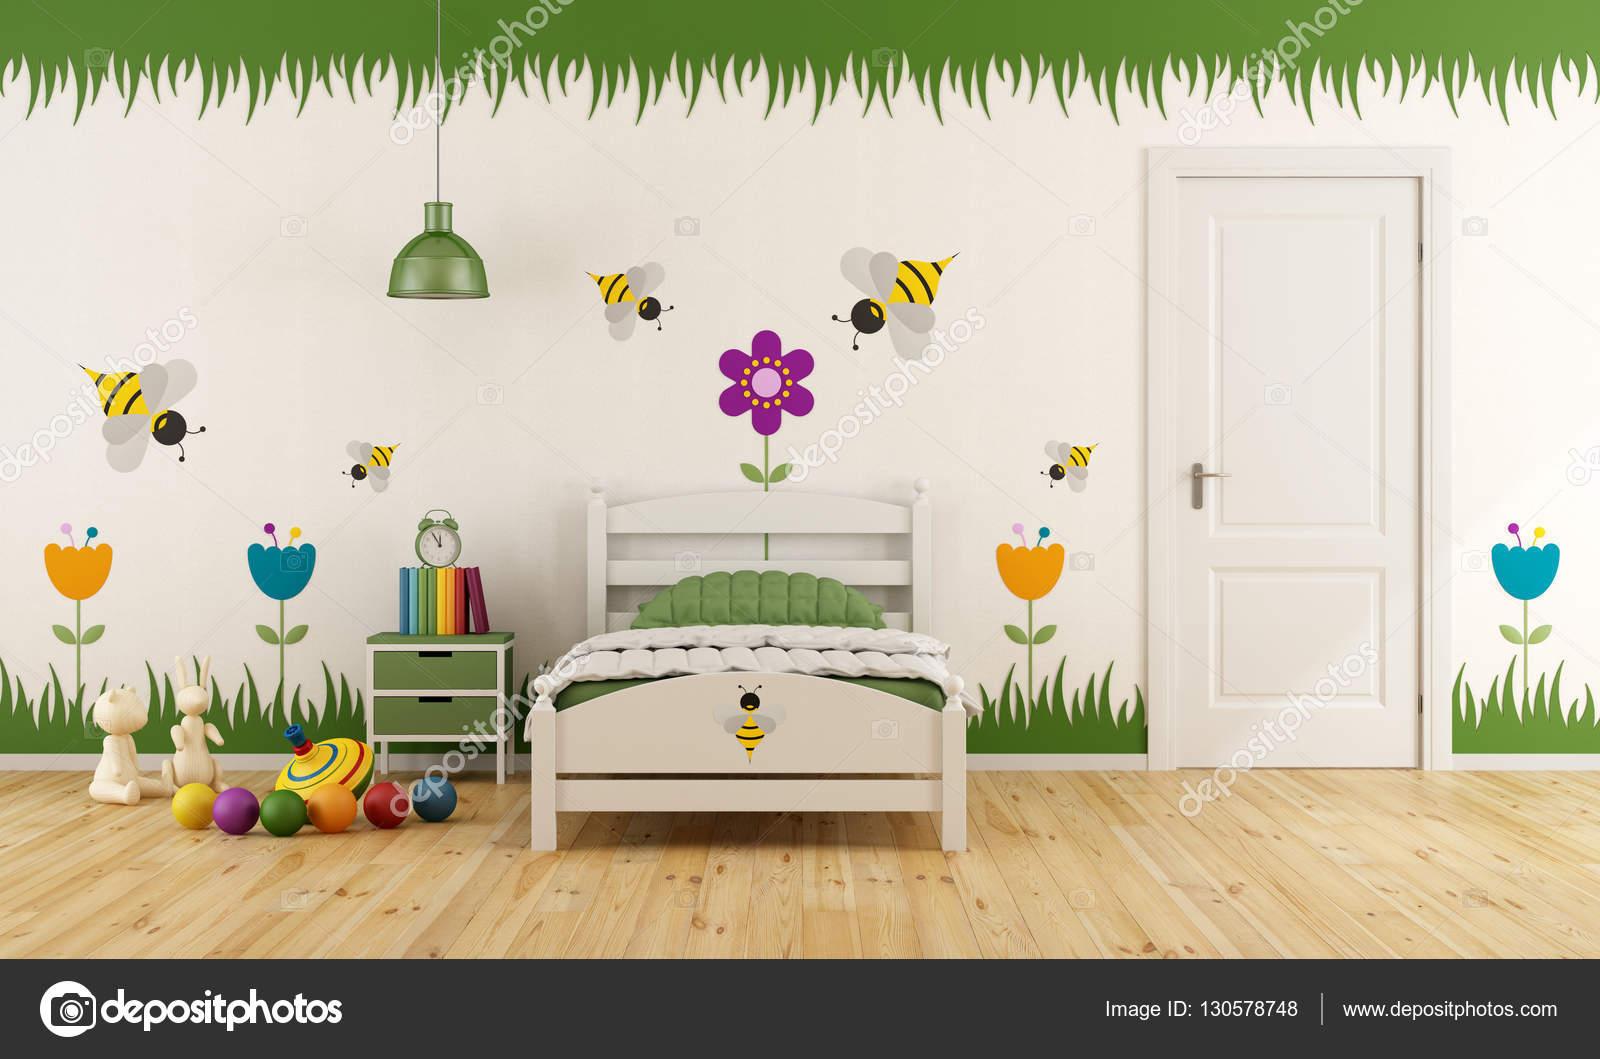 Decoratie Stickers Slaapkamer : D muurstickers safty foam home decor zelfklevende behang diy muur